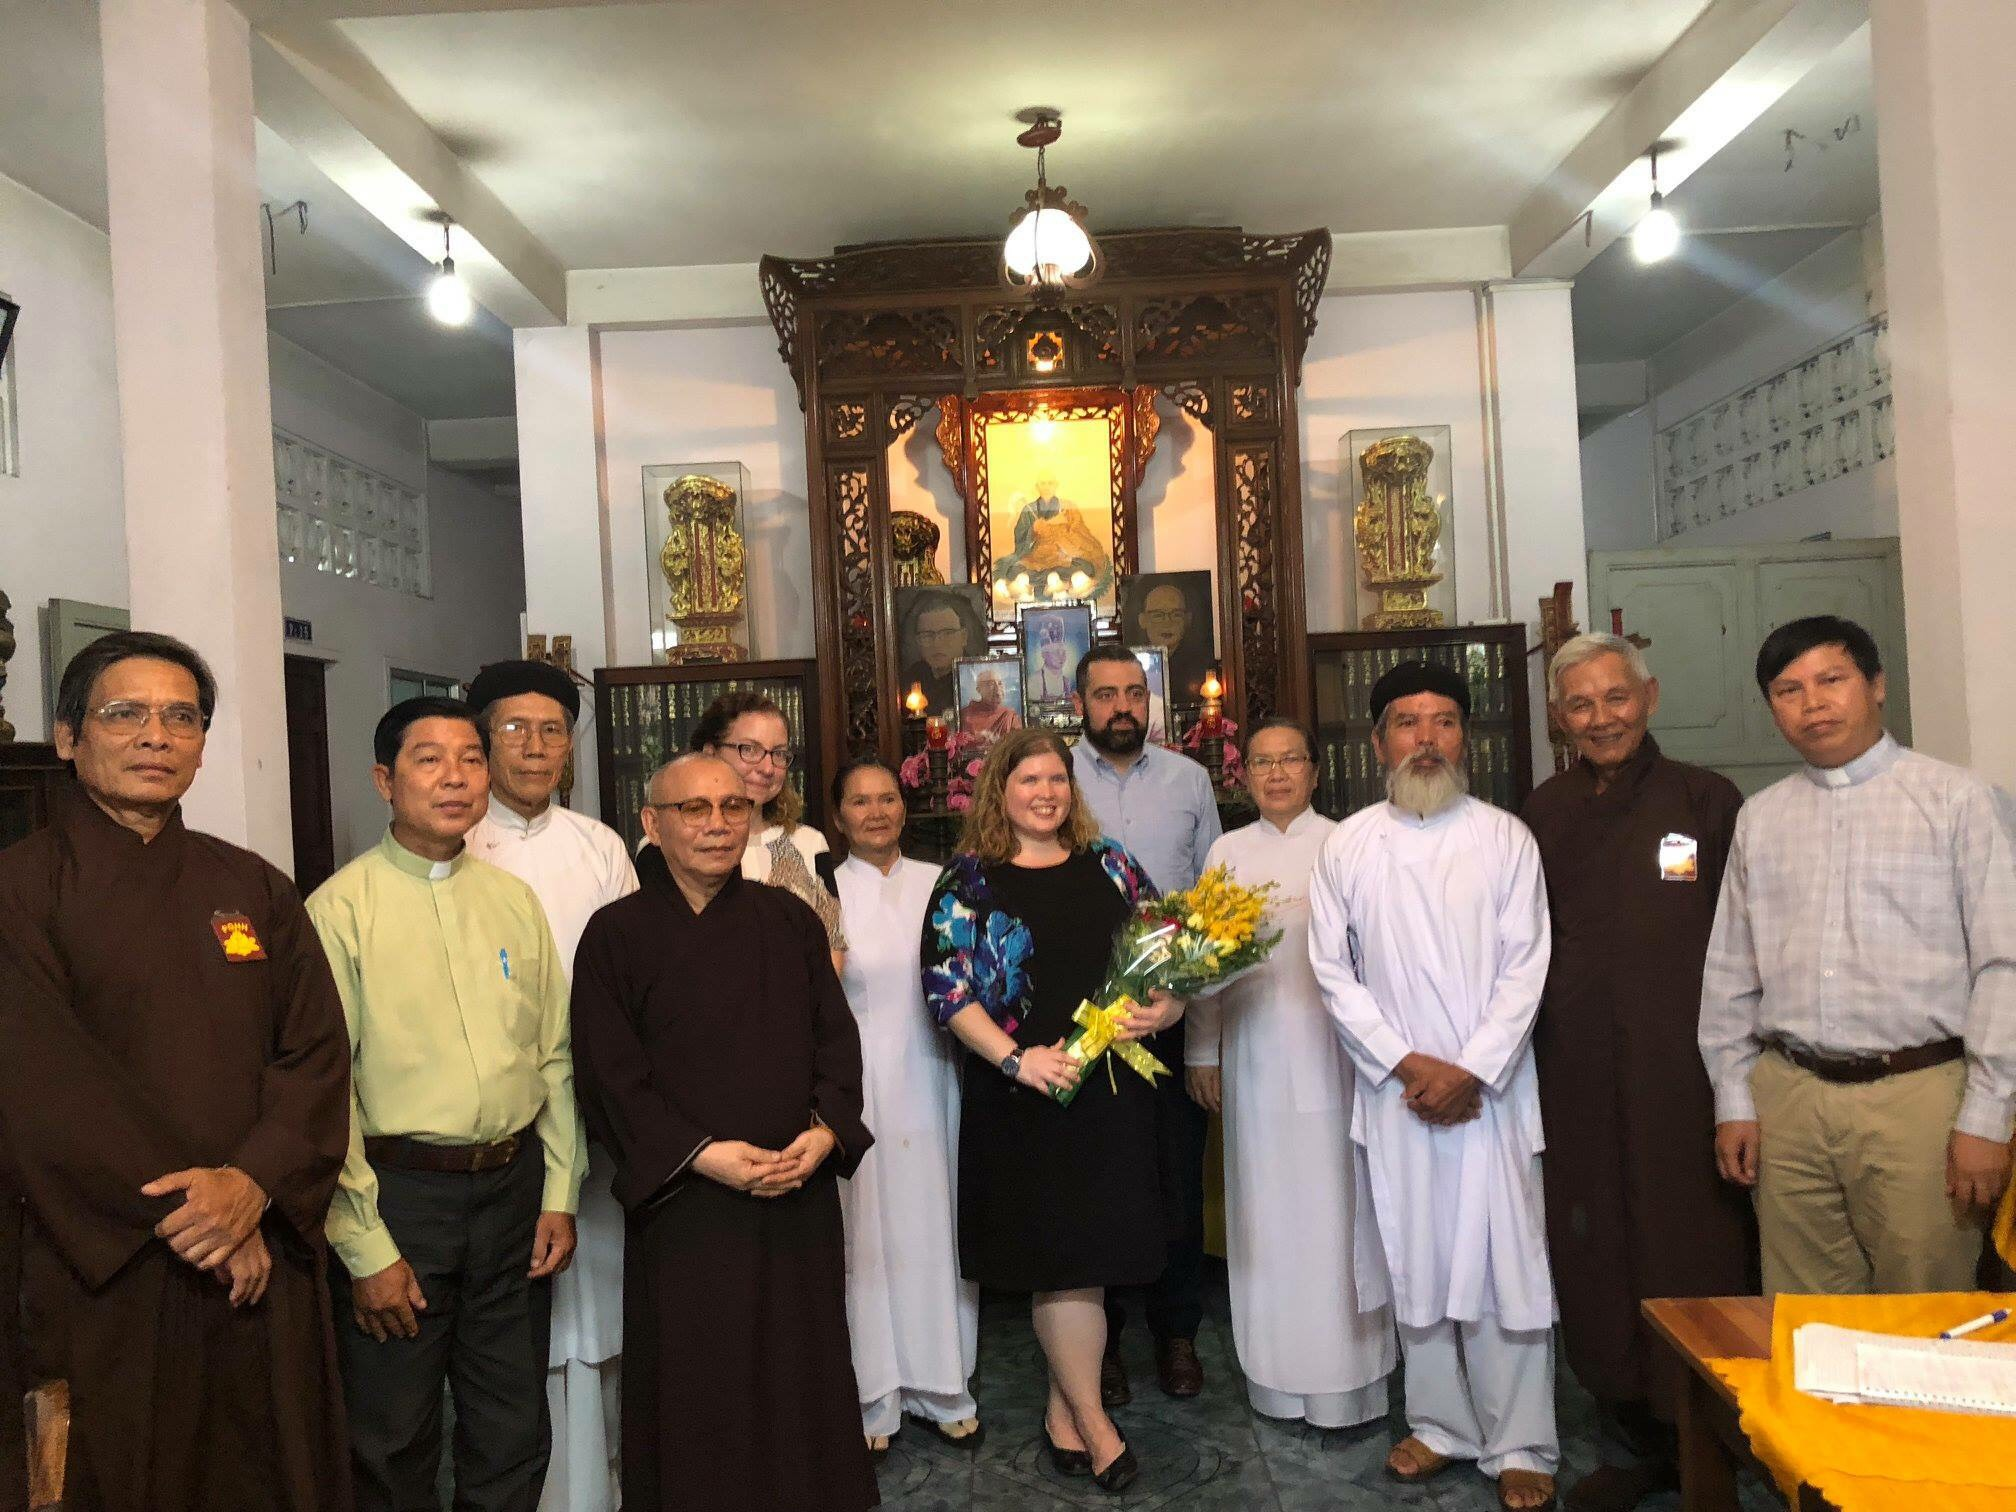 Hội đồng Liên Tôn Việt Nam gặp phái đoàn tự do tôn giáo quốc tế Hoa Kỳ